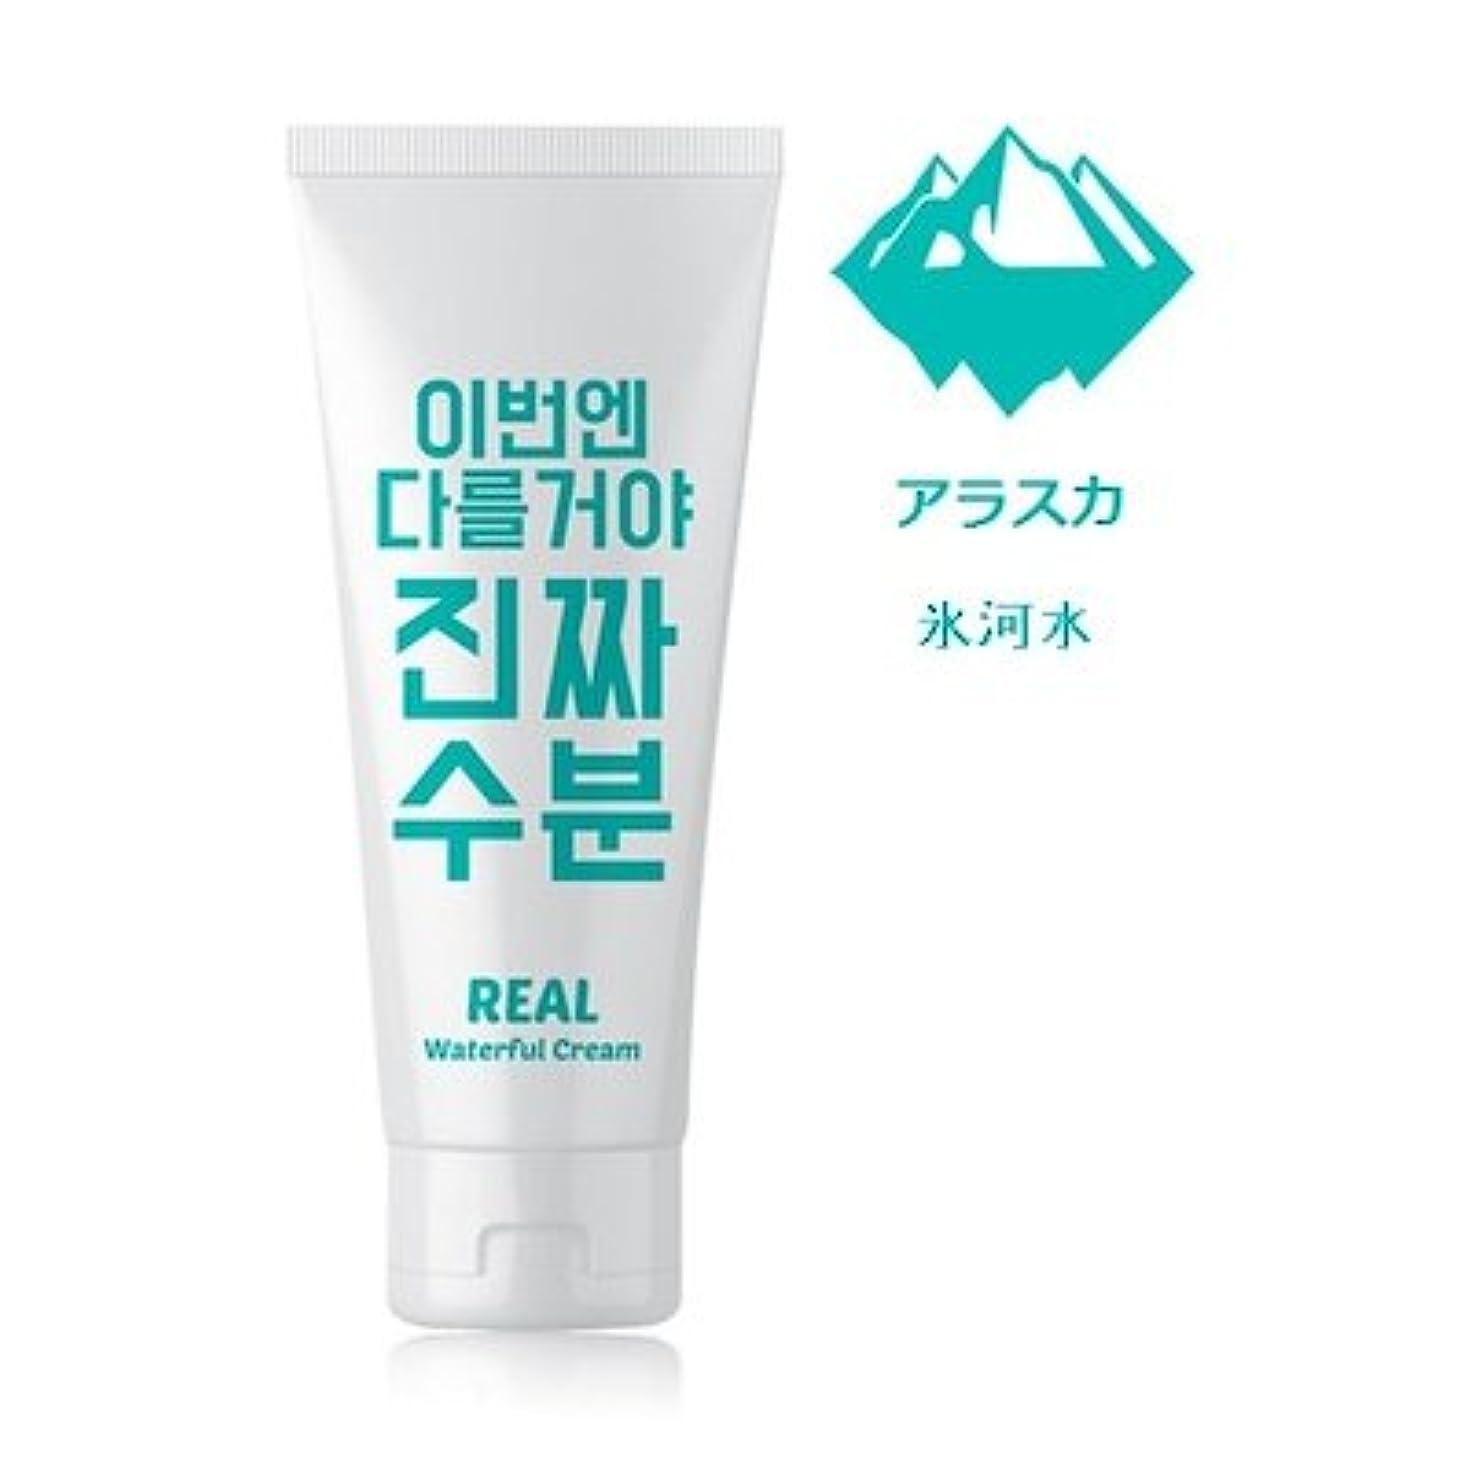 ローン平等不適Jaminkyung Real Waterful Cream/孜民耕 [ジャミンギョン] 今度は違うぞ本当の水分クリーム 200ml [並行輸入品]